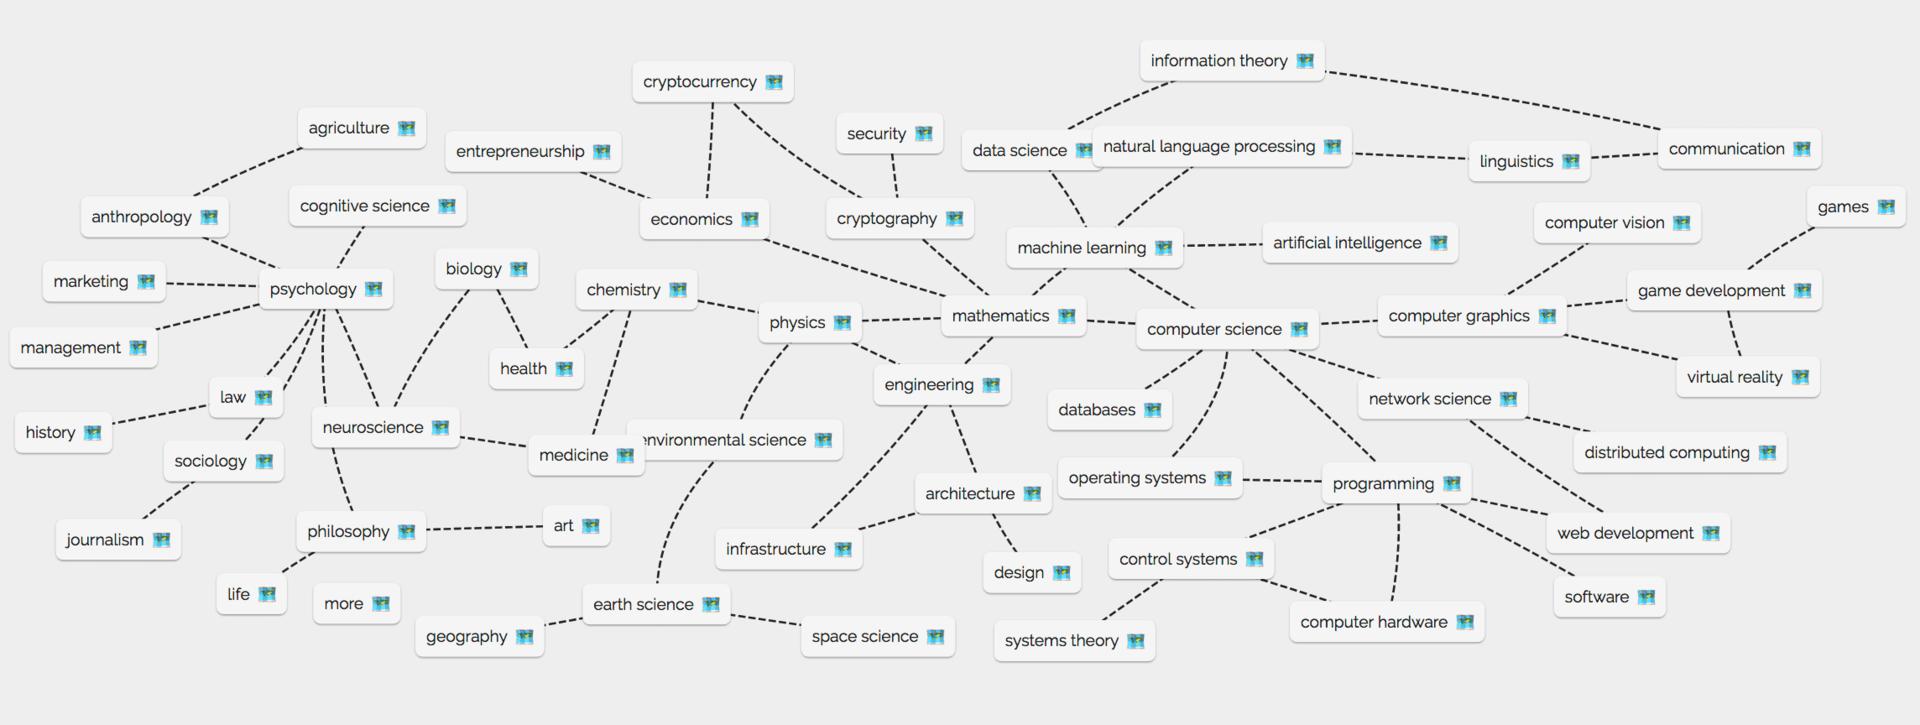 67 полезных инструментов, библиотек и ресурсов для экономии времени веб-разработчиков - 4